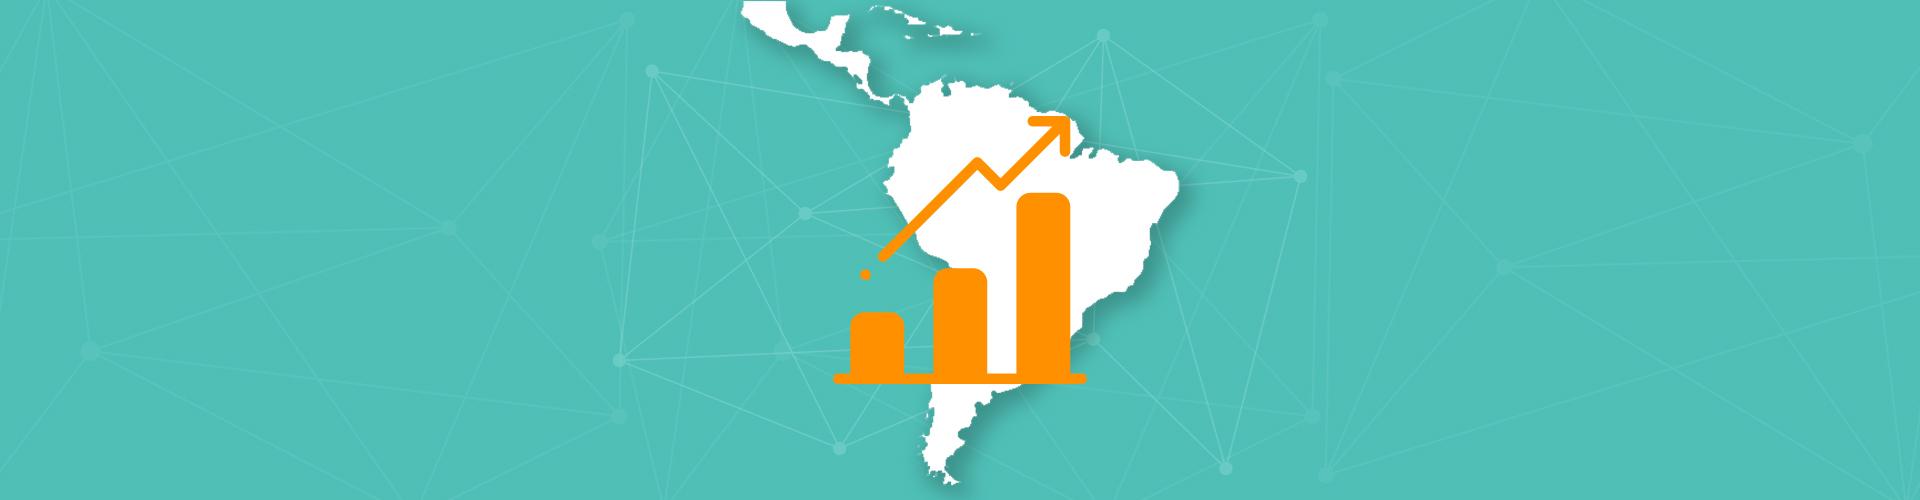 Header image of Tendencias en aumento en la publicidad digital para editores de América del Sur y América Latina